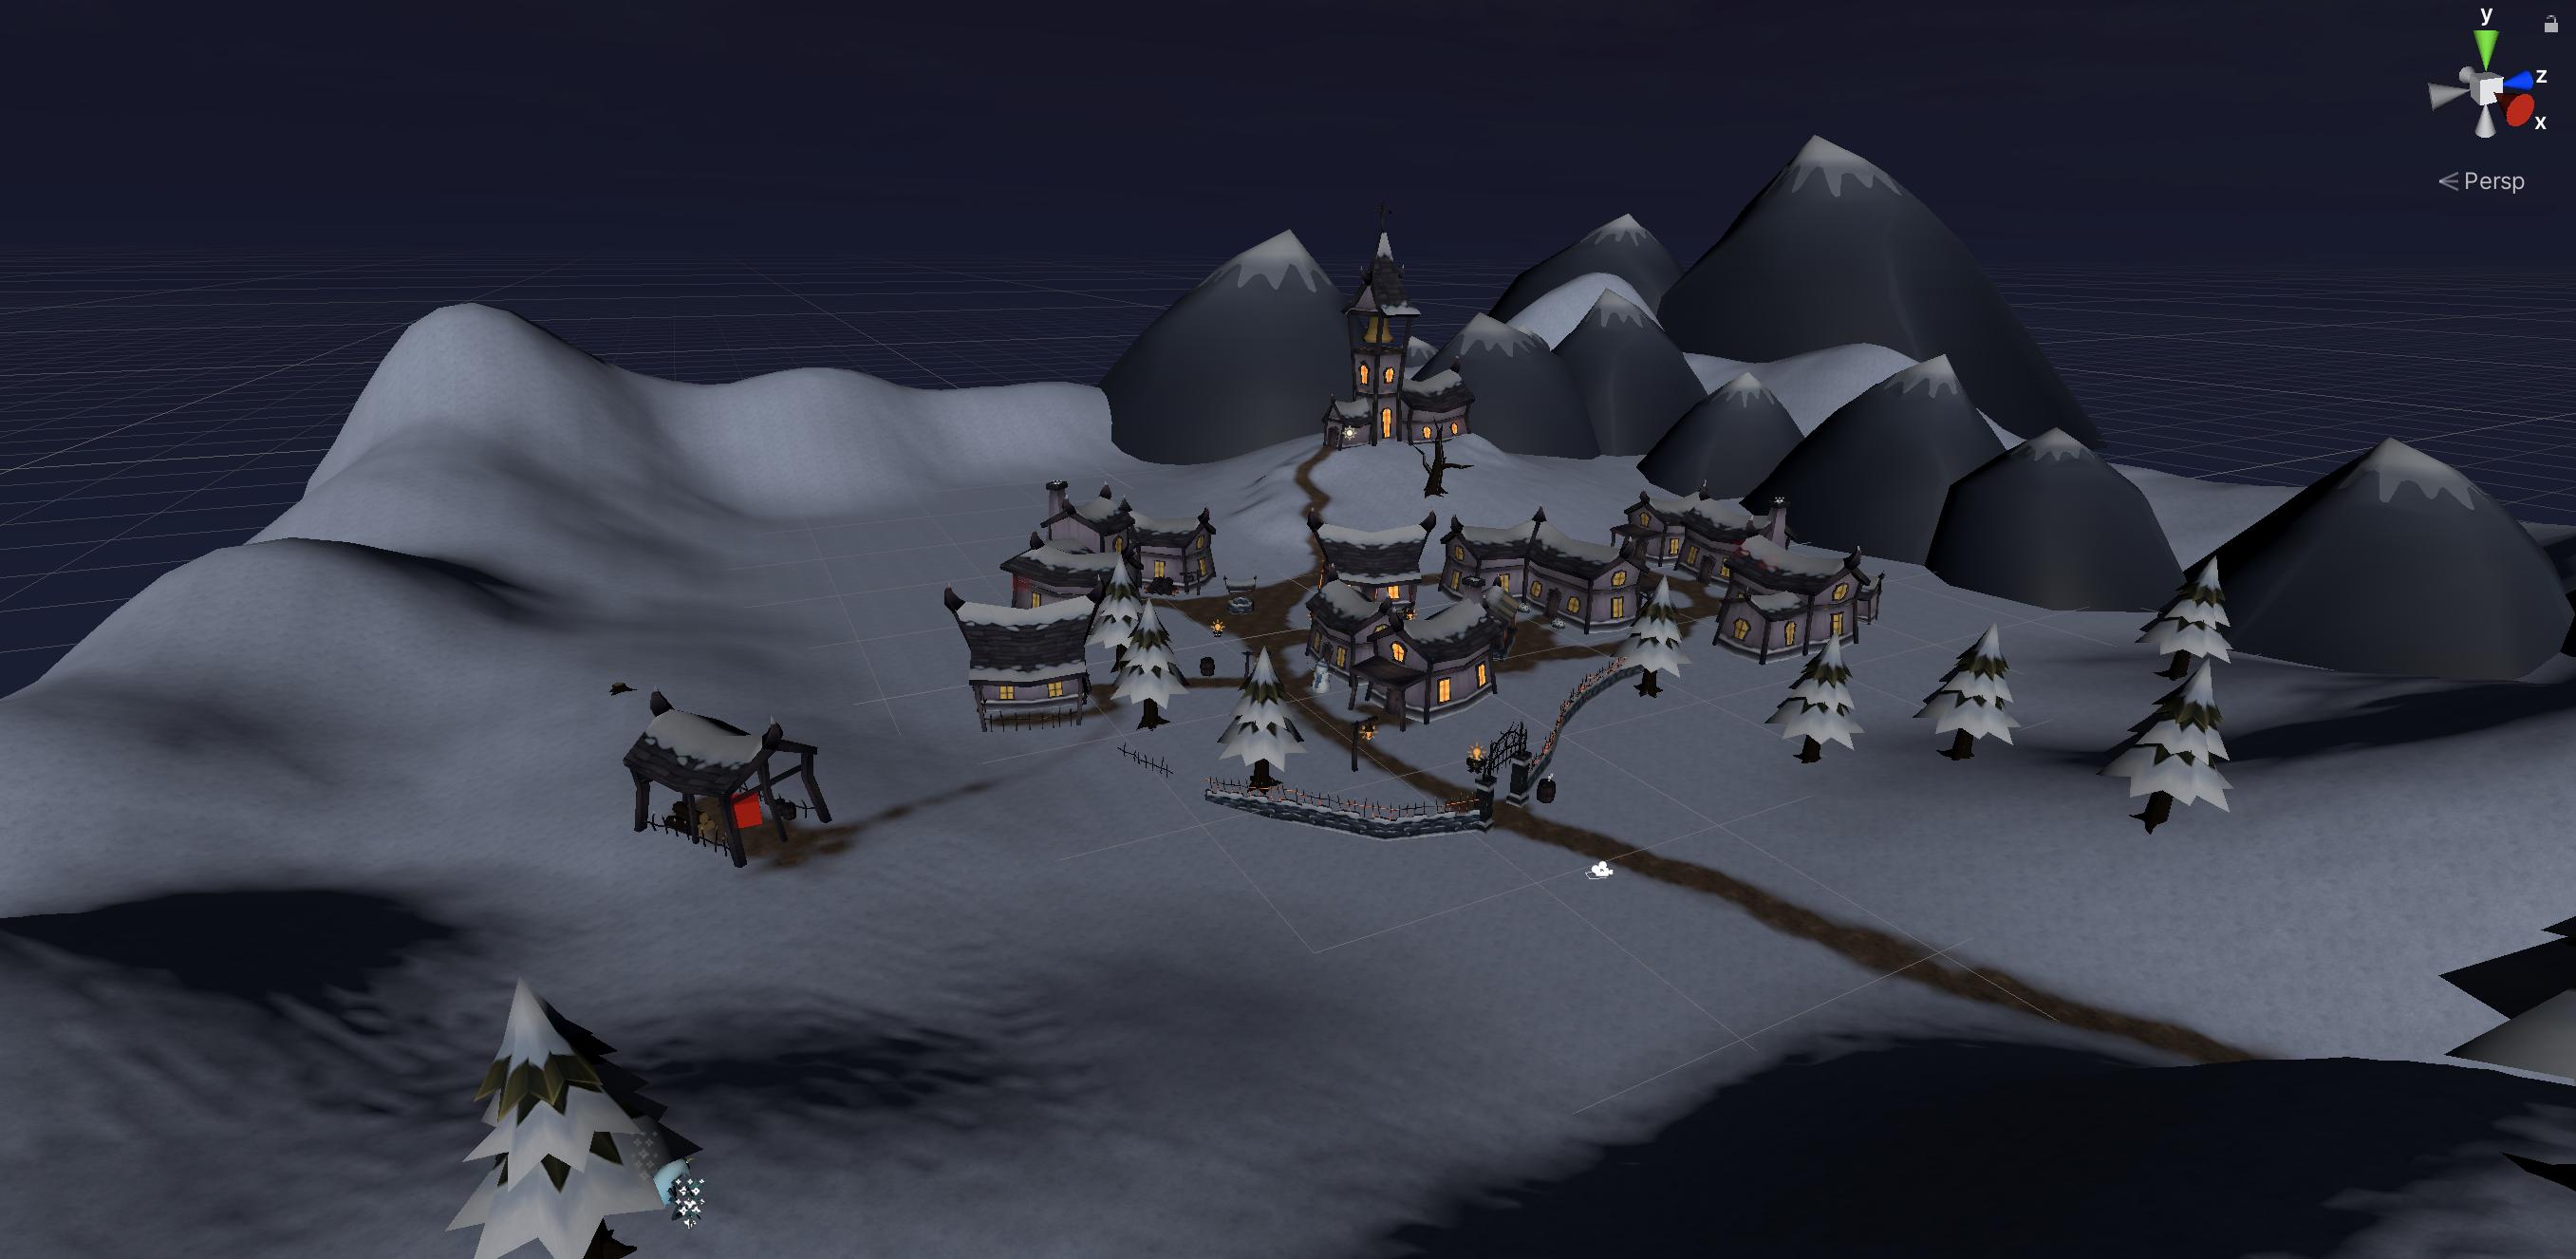 SnowfallVR Viewport Screenshot